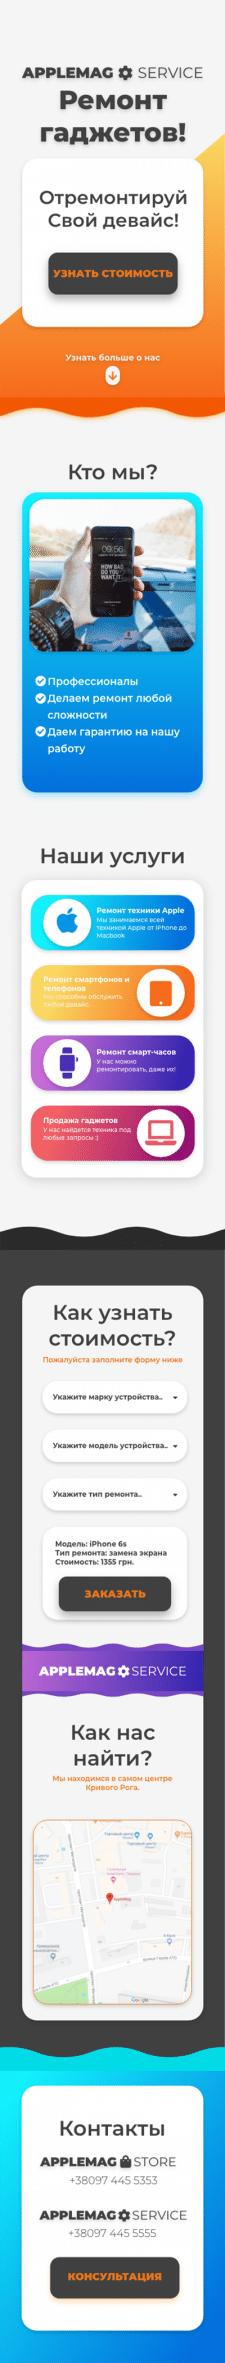 Дизайн мобильной версии сайта Сервиса Apple